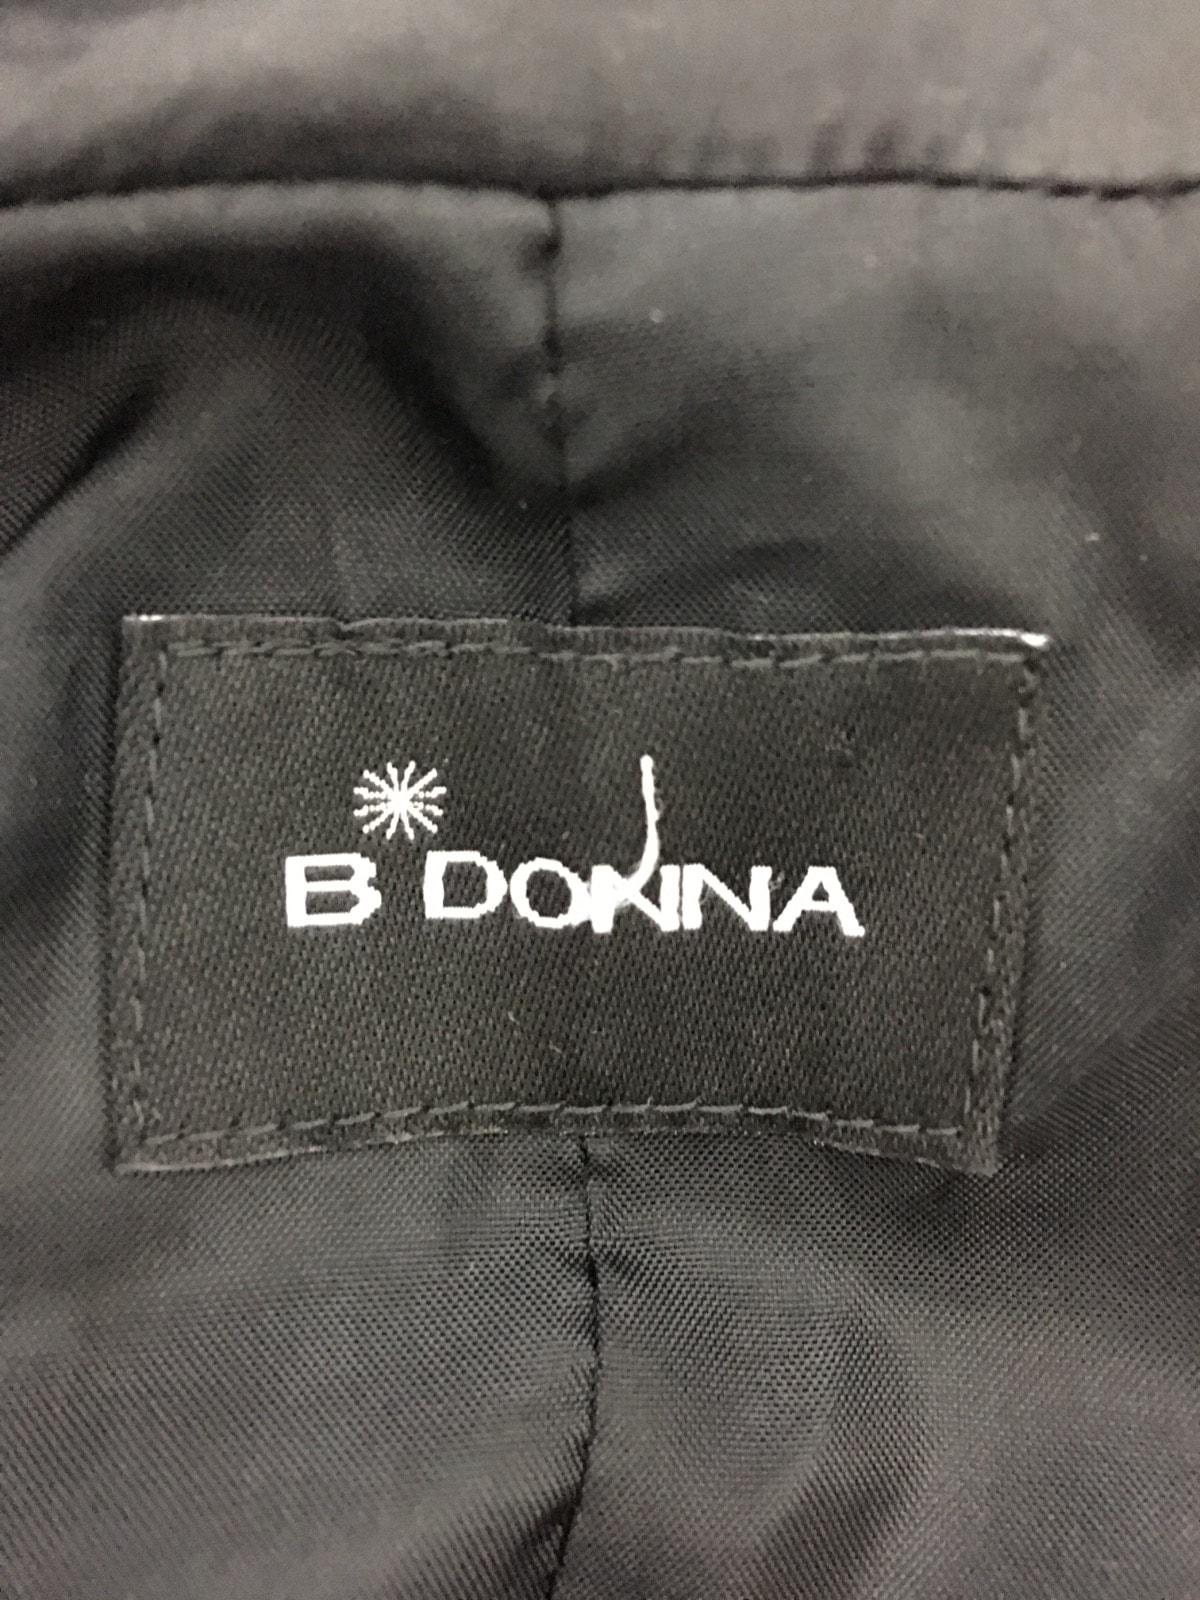 B DONNA(ビドンナ)のダウンコート